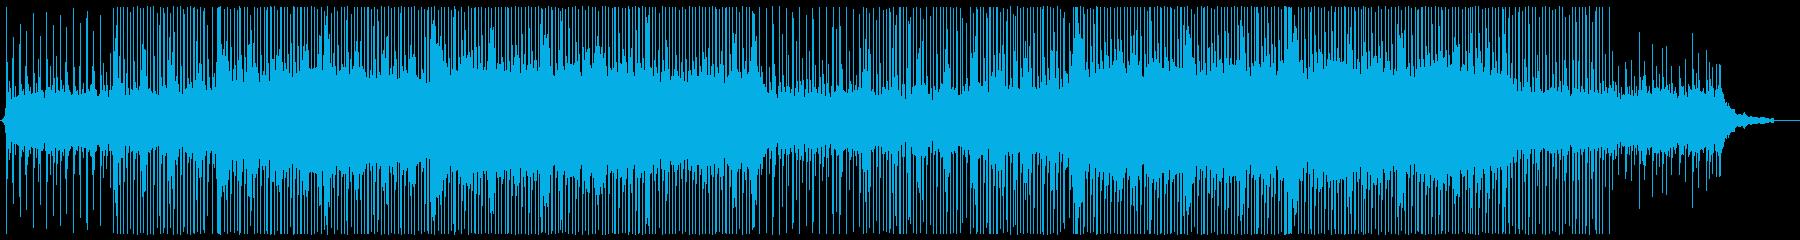 アコースティックなコンセプトムービー風の再生済みの波形